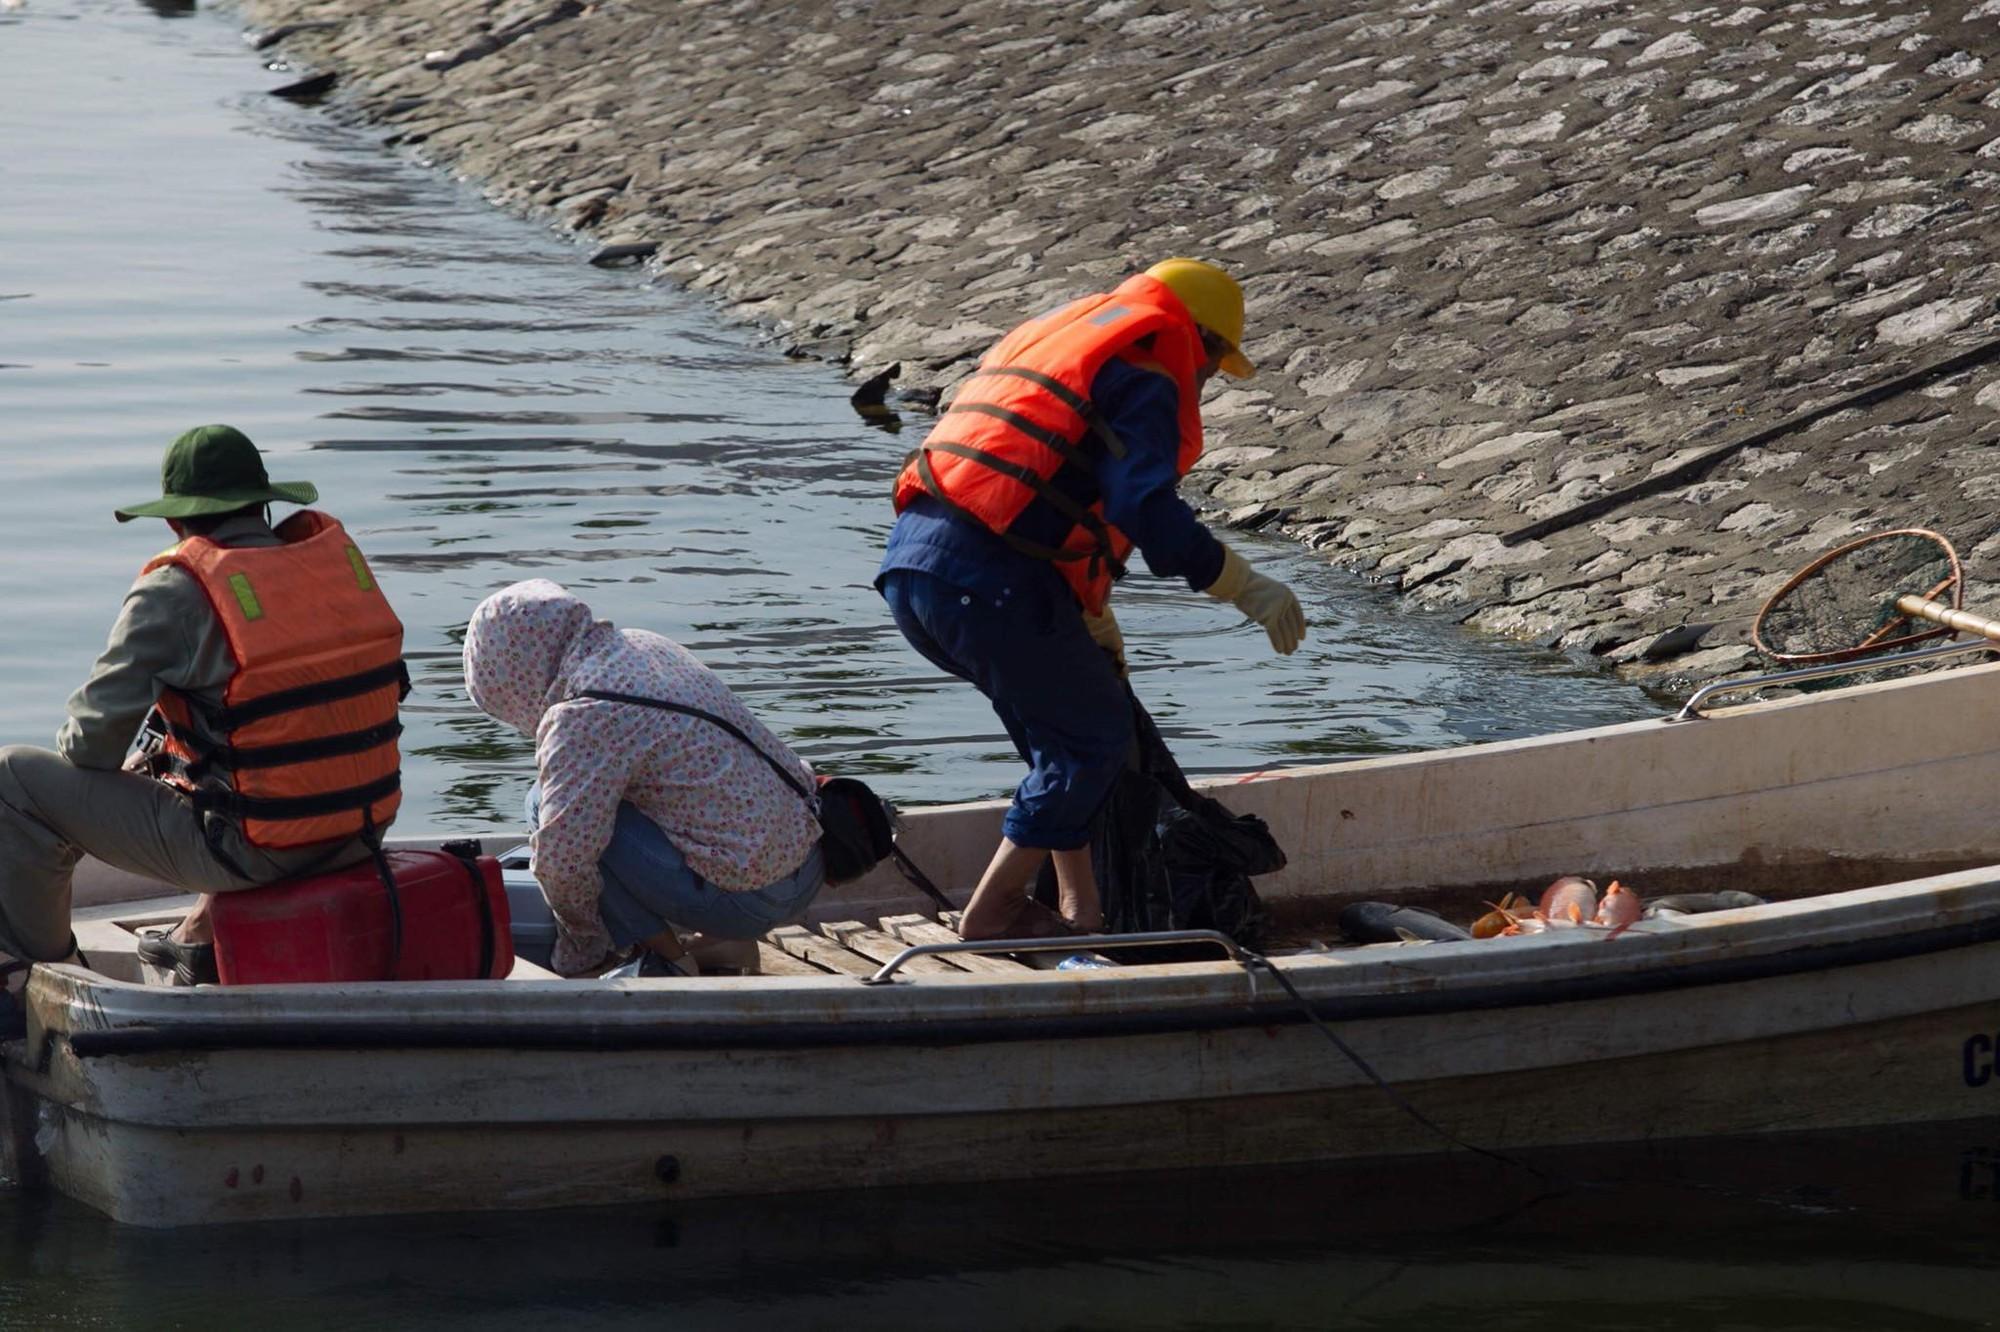 Hà Nội: Cá lại tiếp tục chết, bốc mùi hôi thối ở hồ Hoàng Cầu 2